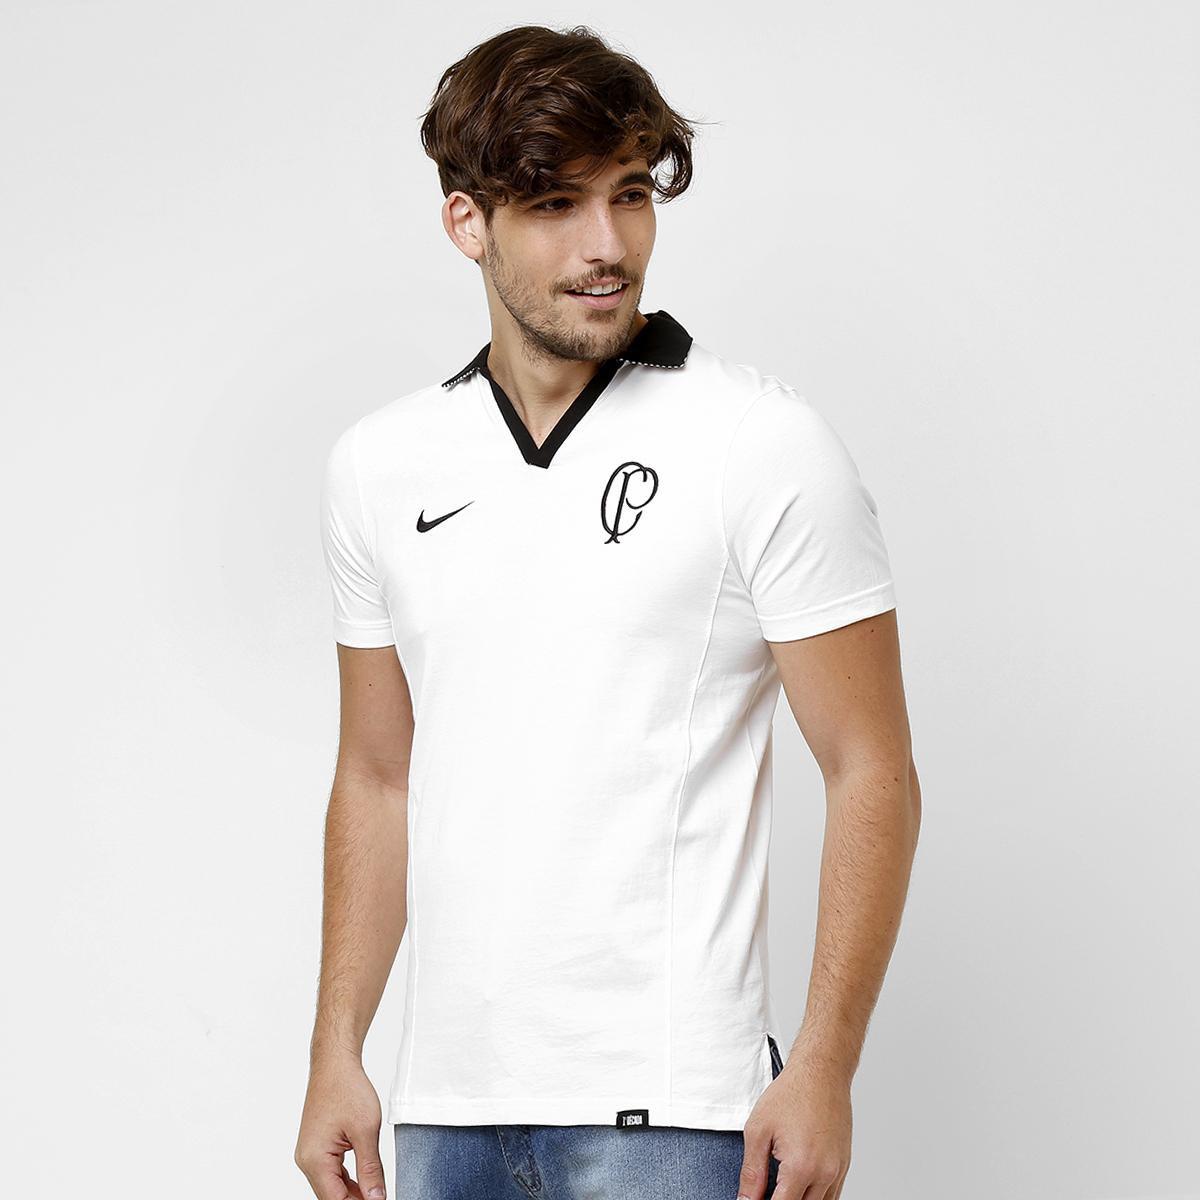 Camisa Polo Nike Corinthians Life Style - Compre Agora  6671b723a689d